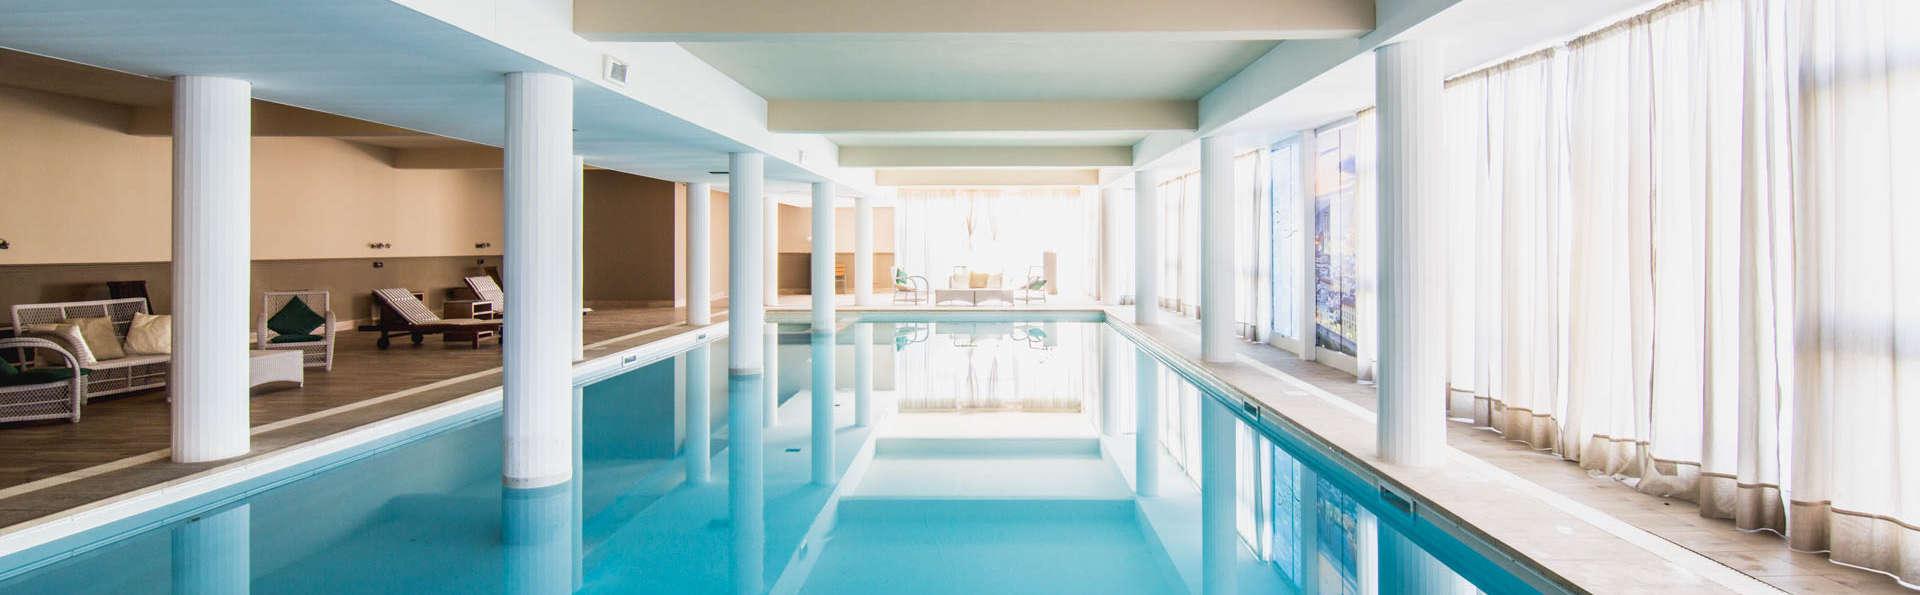 Week-end romantique en Toscane, une suite avec sauna, accès au spa et dîner inclus